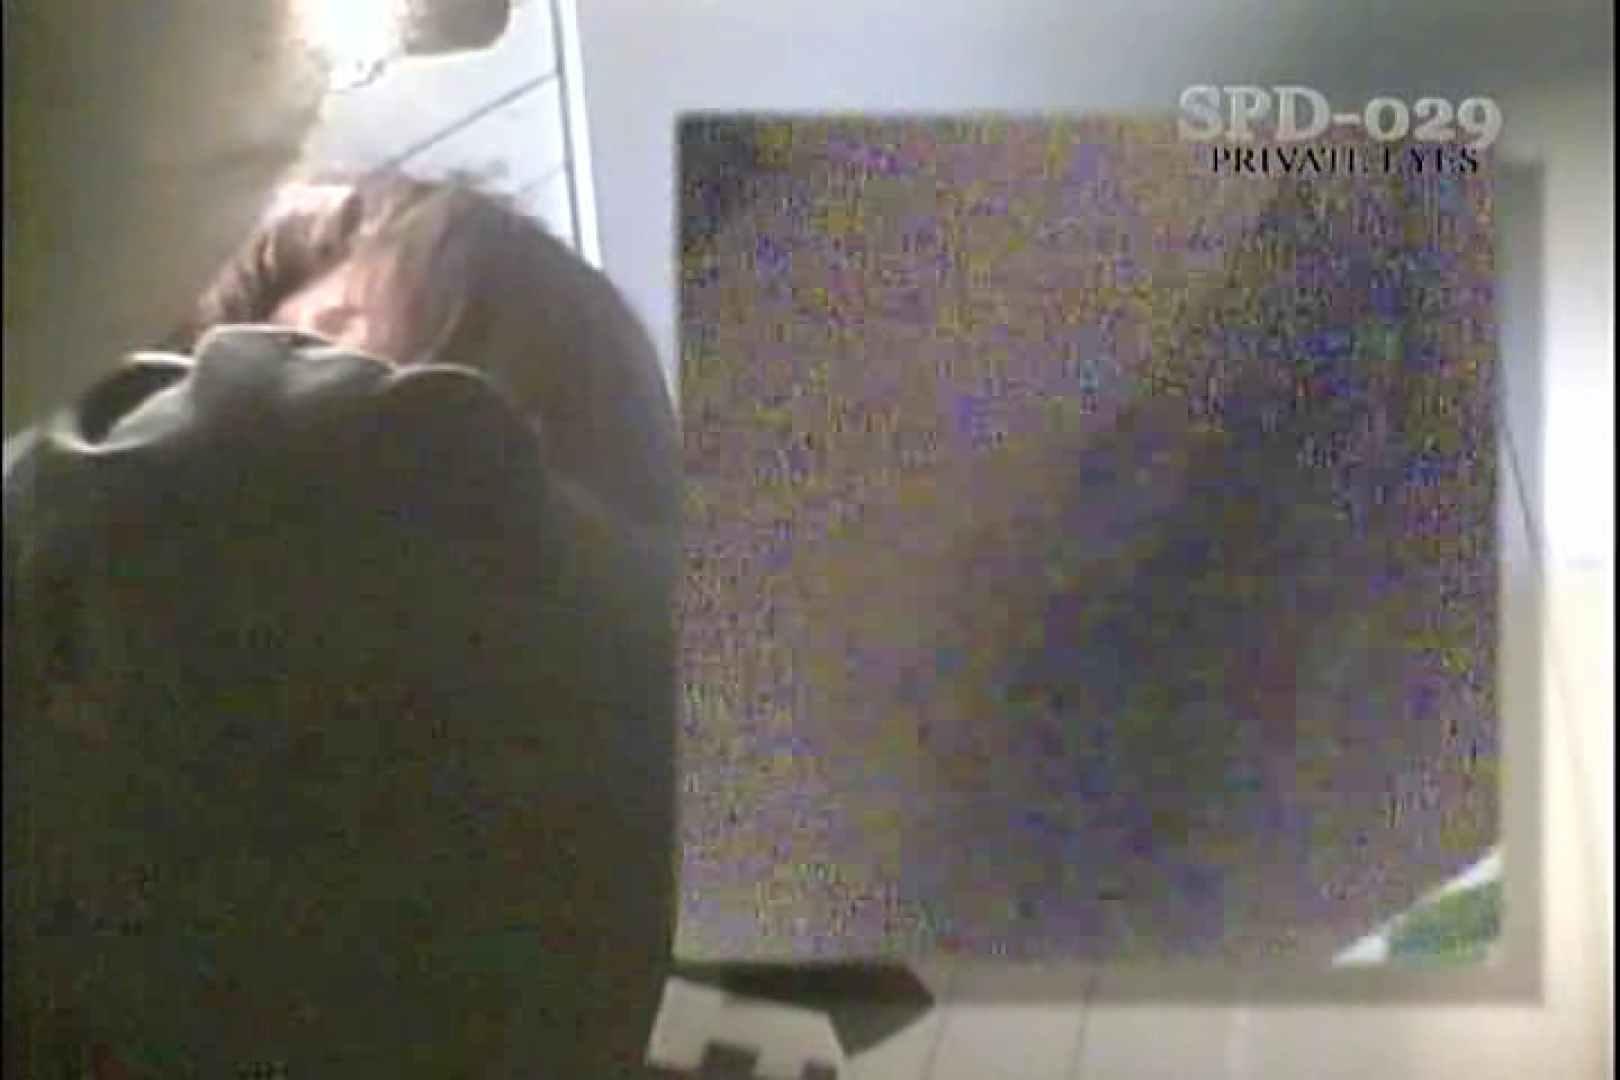 高画質版!SPD-029 和式厠 モリモリスペシャル 名作 盗撮ヌード画像 86画像 54